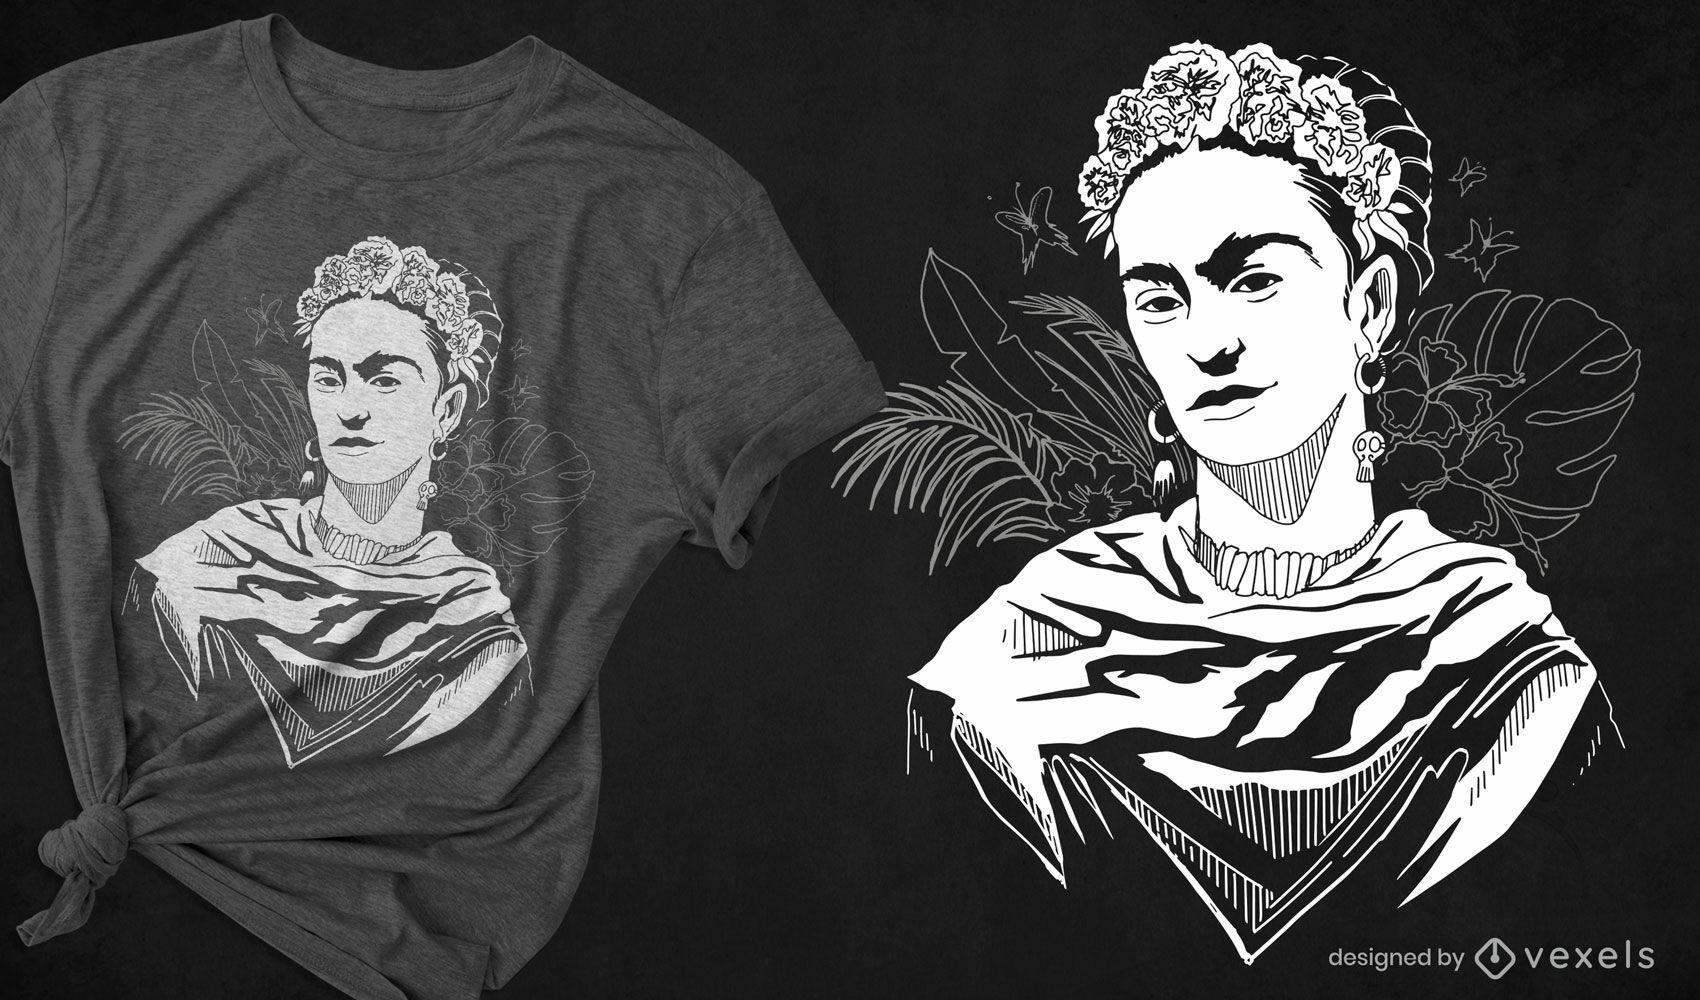 Frida Kahlo black and white t-shirt design